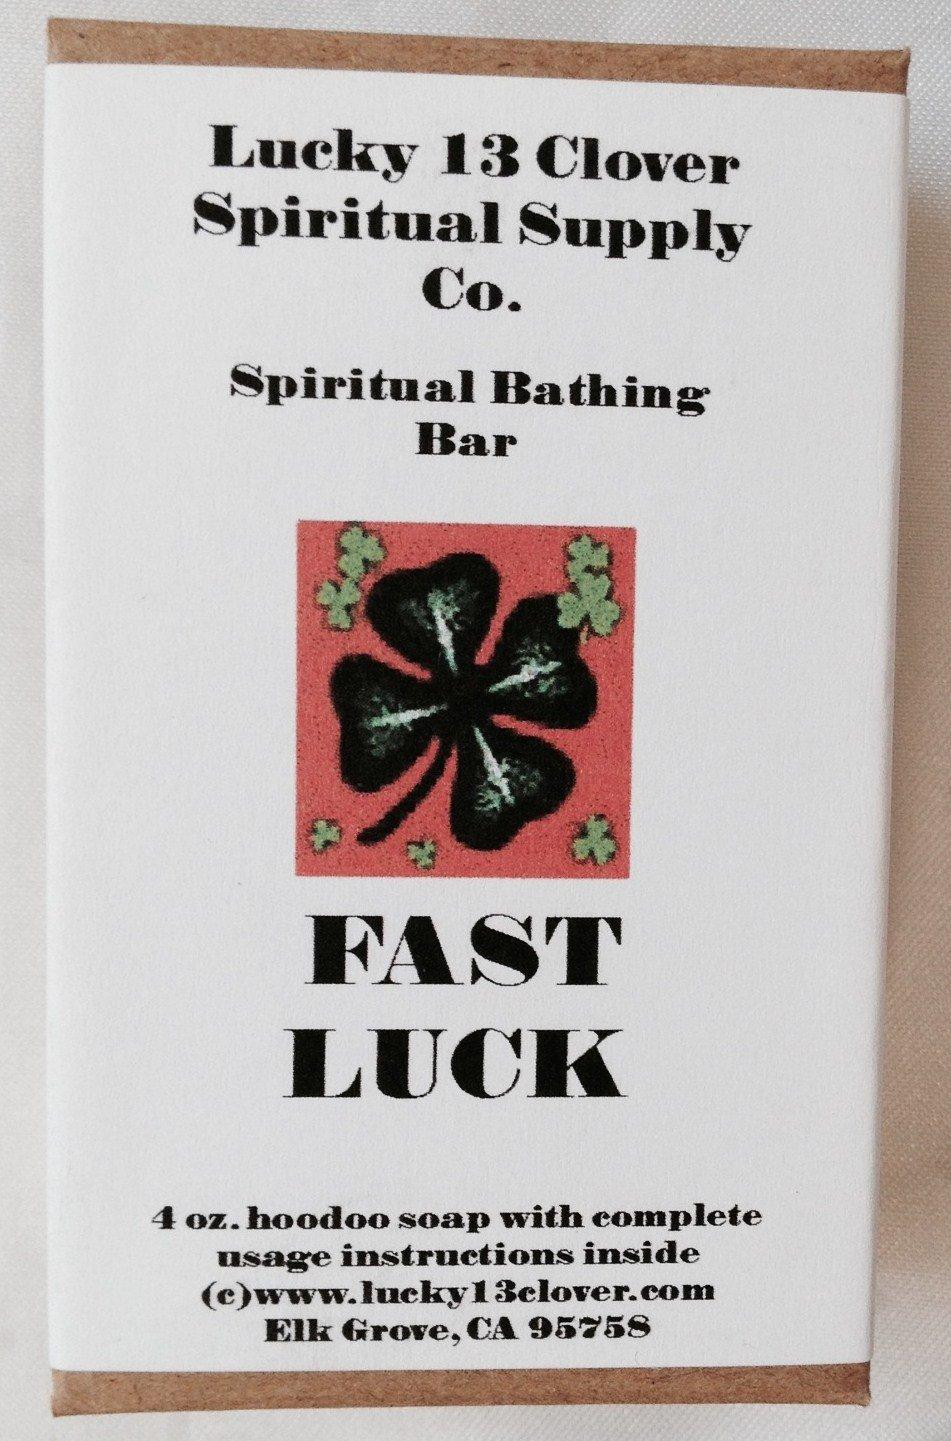 Lucky 13 Clover Fast Luck Spiritual Bathing Bar - Lucky 13 Clover